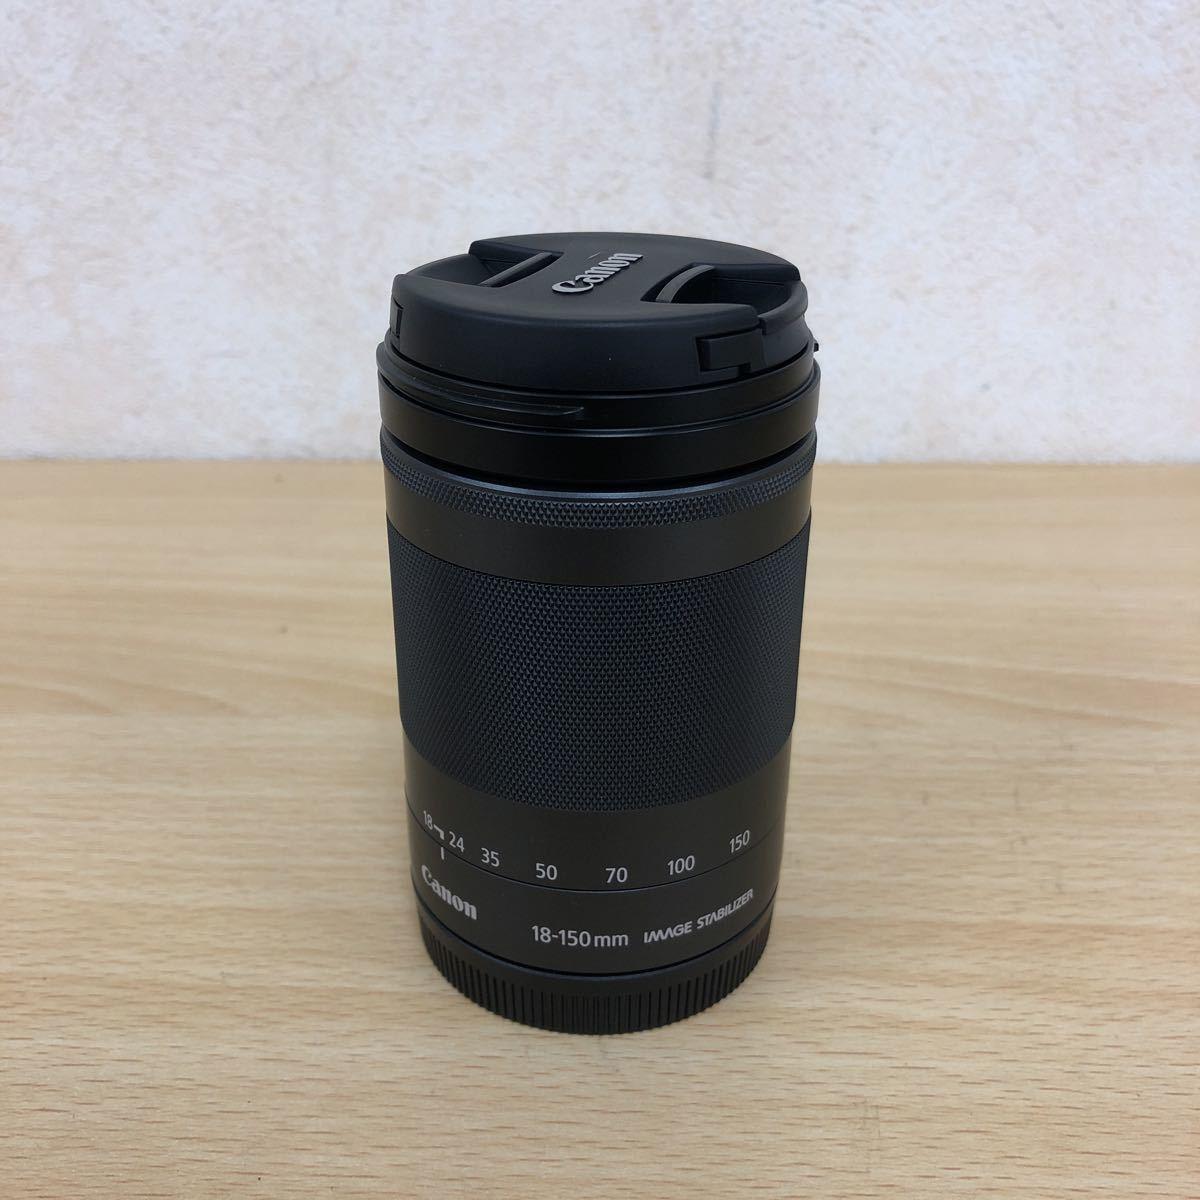 1円~ 美品 Canon EF-M 18-150mm F3.5-6.3 IS STM レンズ キヤノン